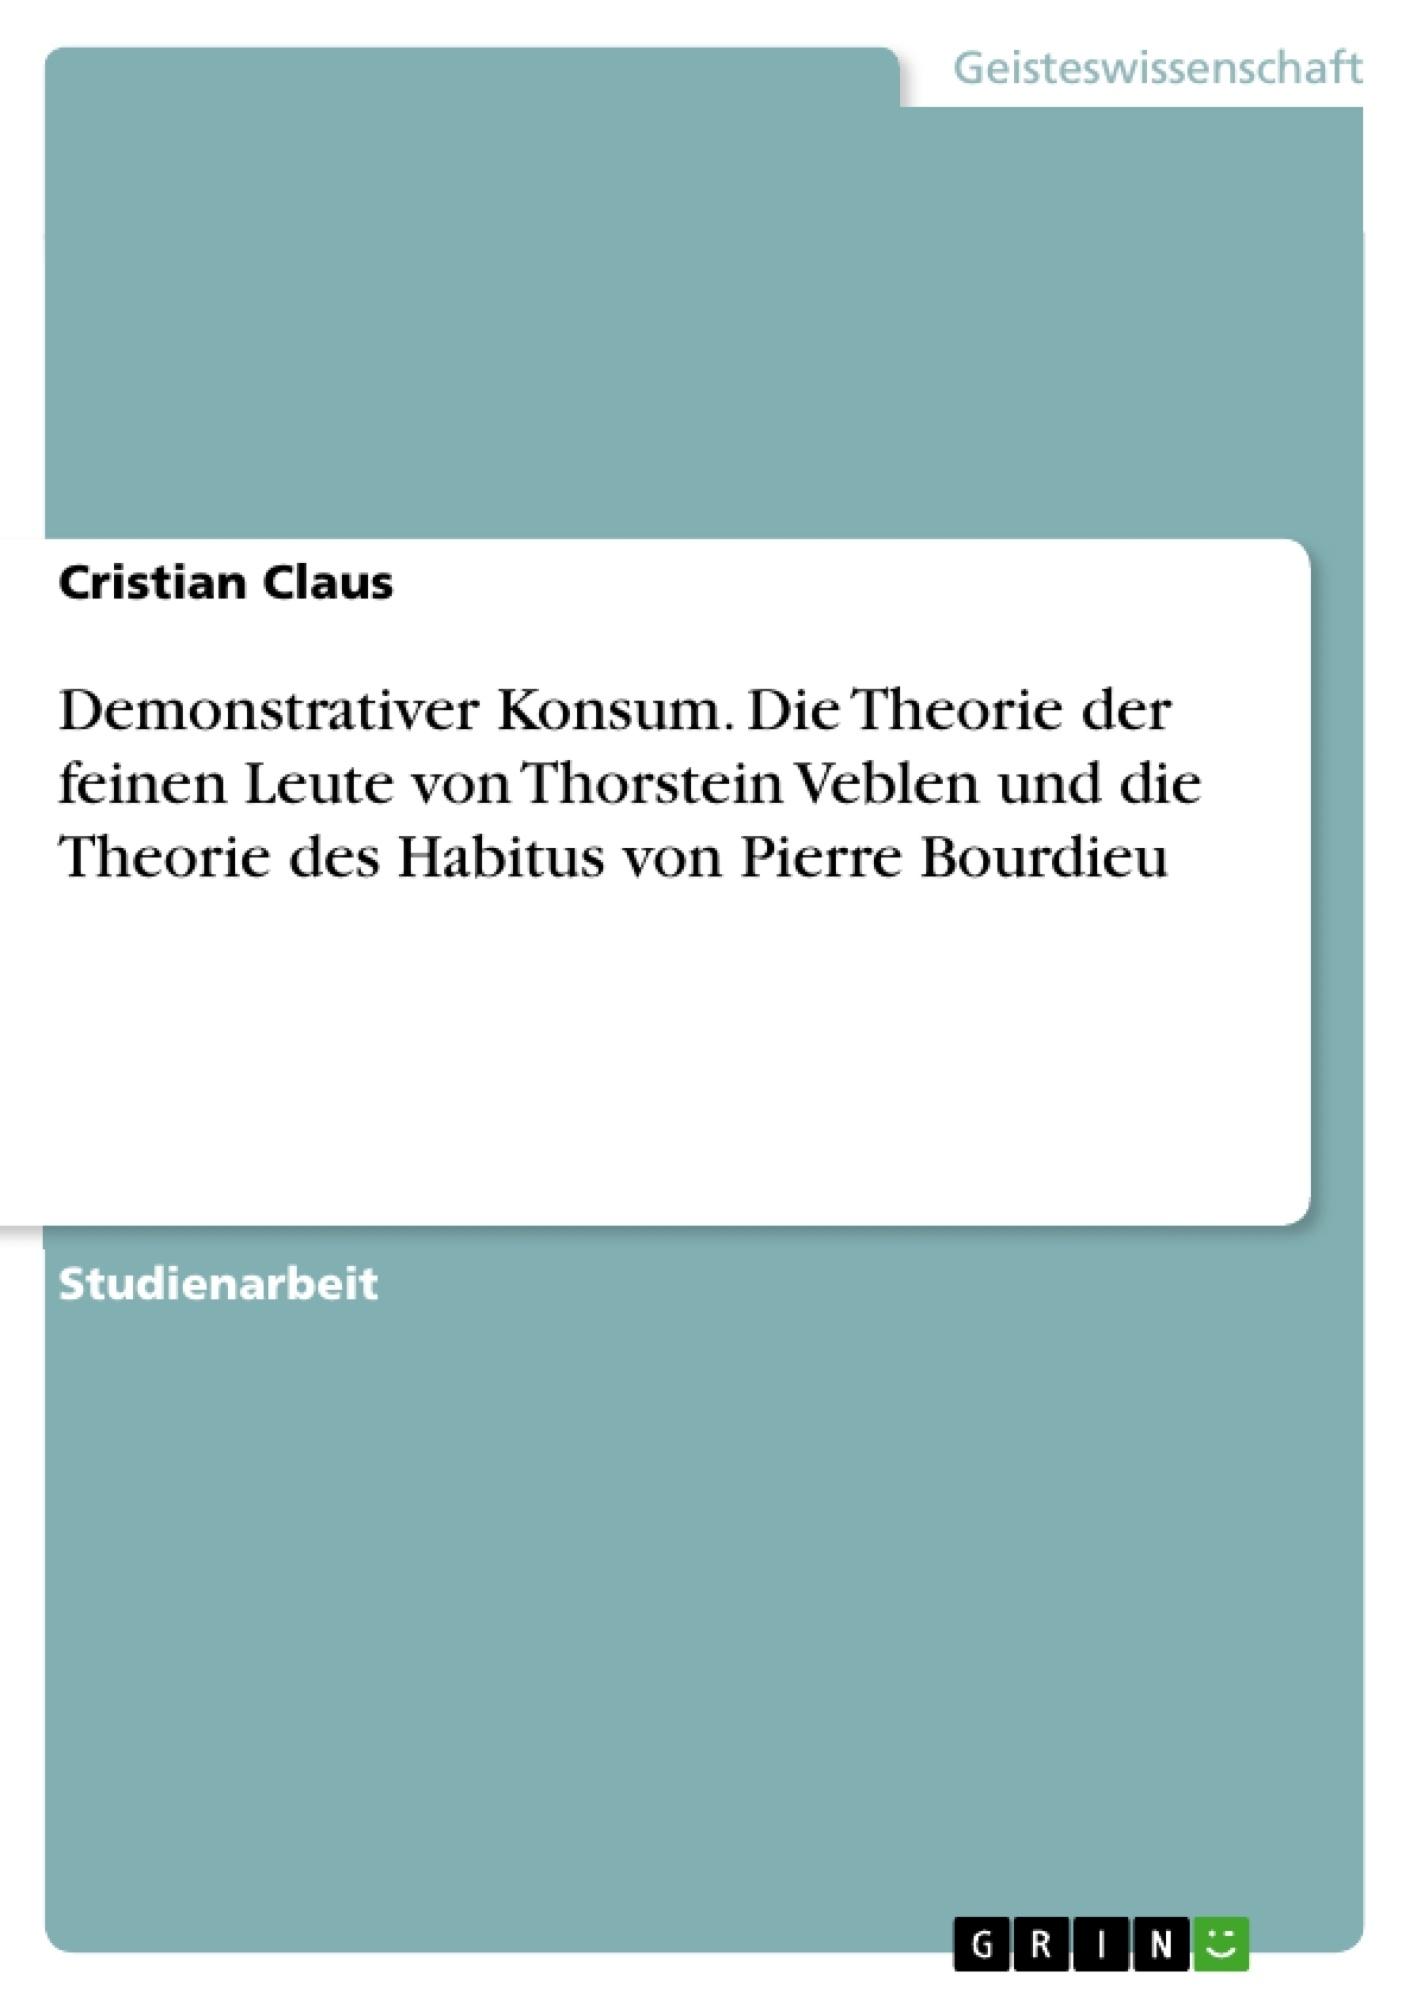 Titel: Demonstrativer Konsum. Die Theorie der feinen Leute von Thorstein Veblen und die Theorie des Habitus von Pierre Bourdieu